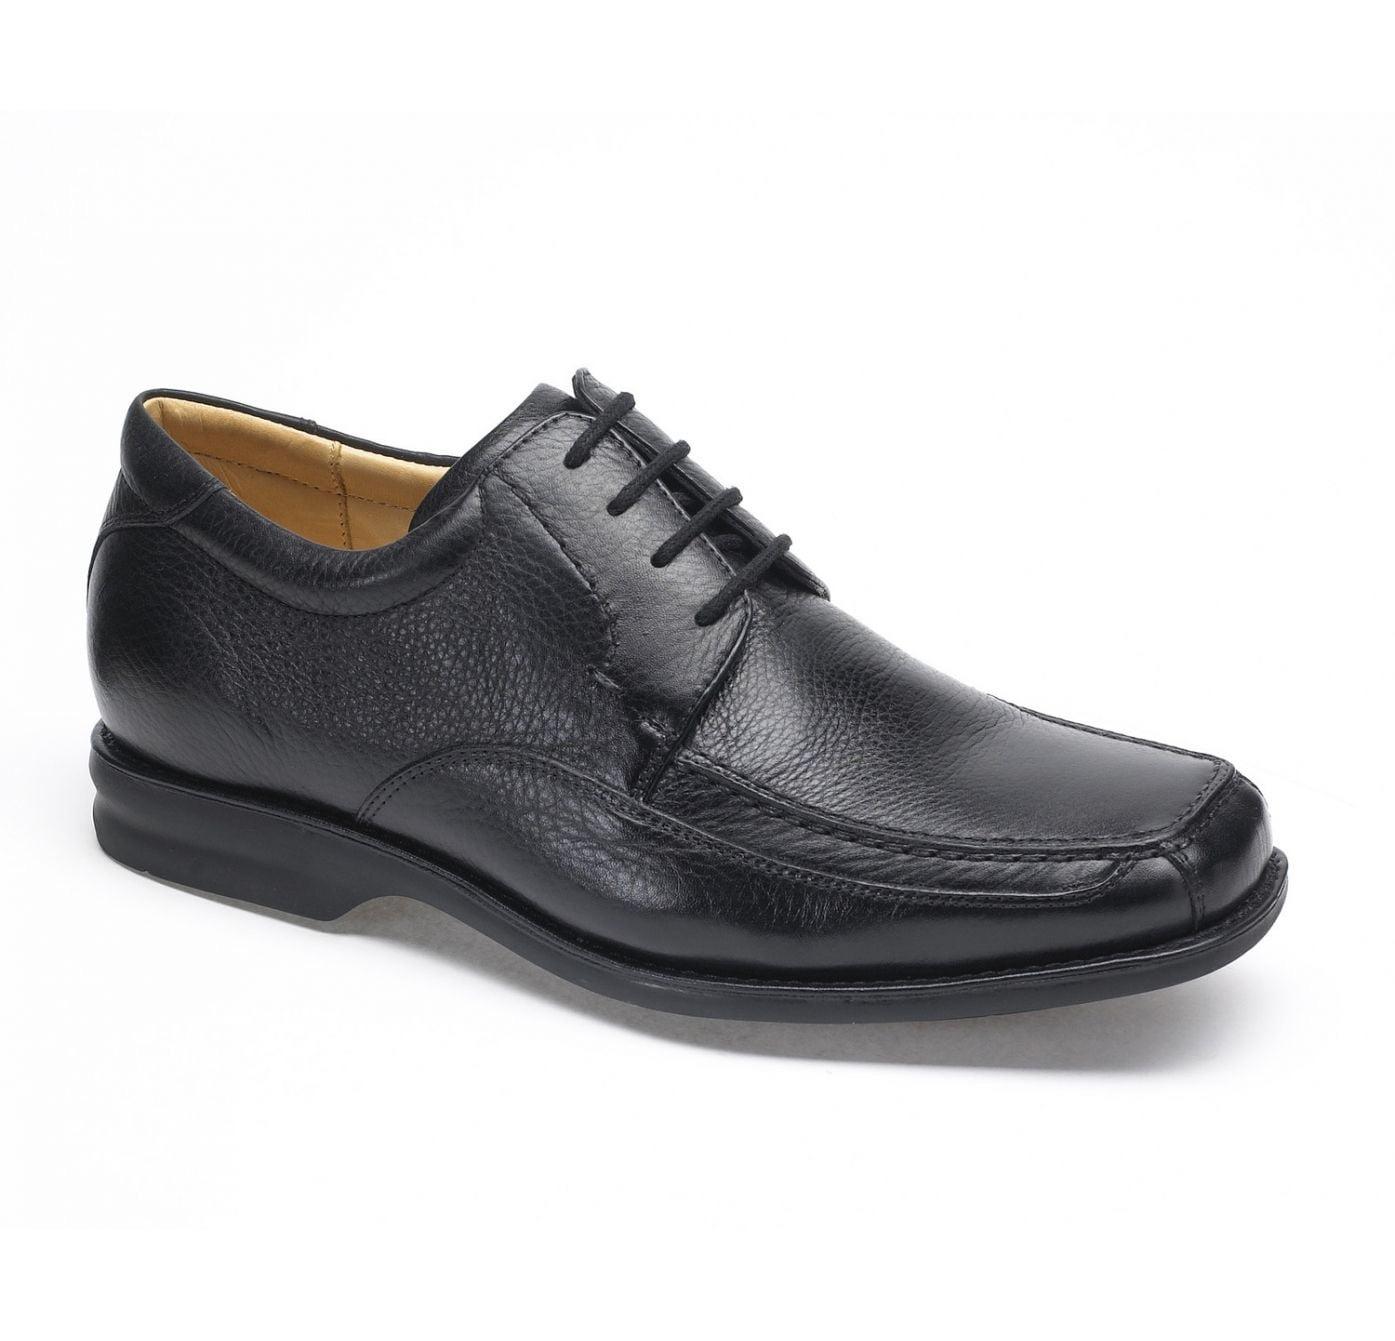 Anatomic Gel Goias Shoes